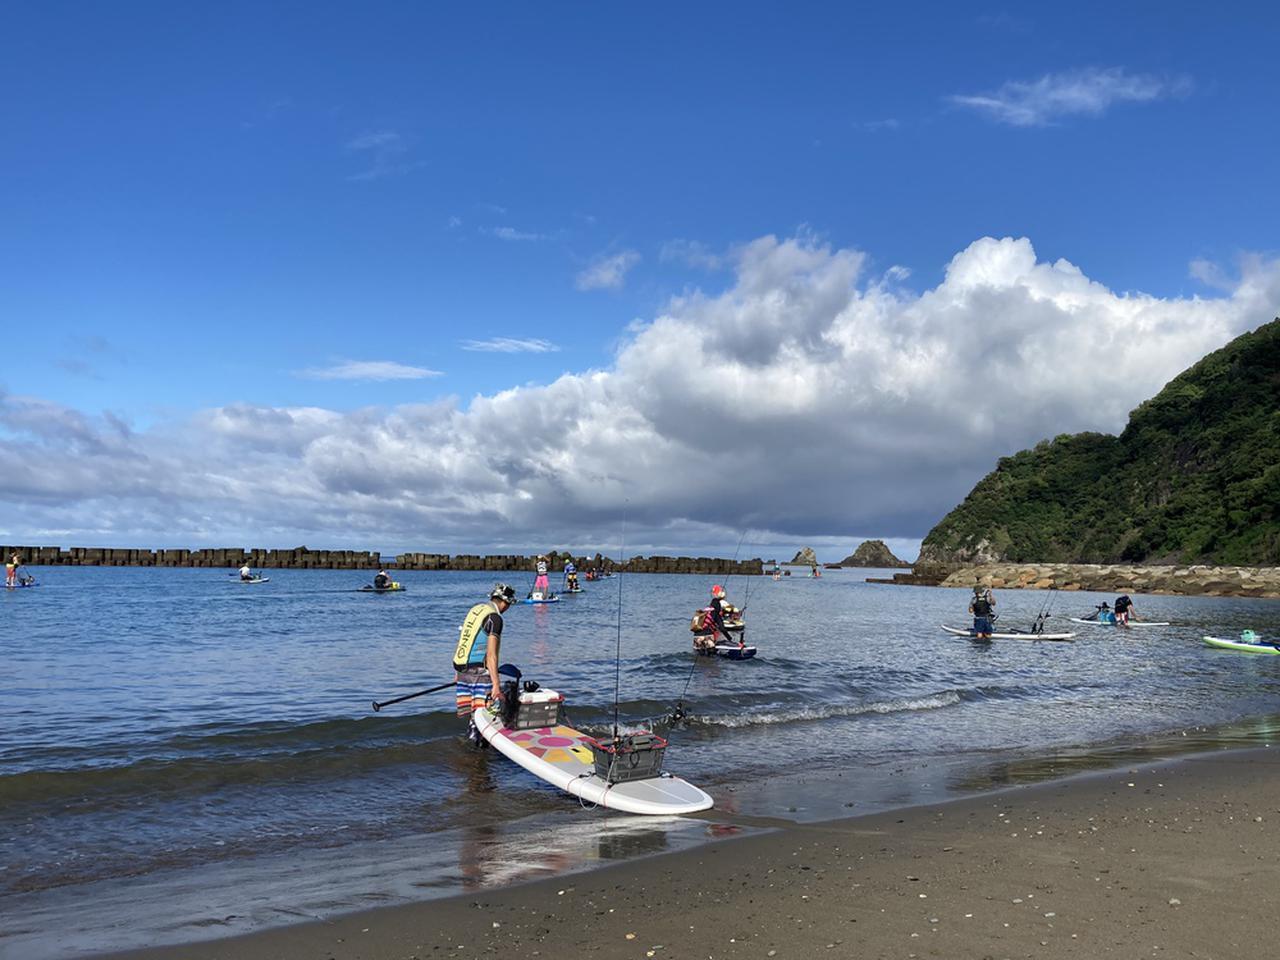 画像: RVパーク施設情報 宇久須キャンプ場RVパーク(静岡県) くるま旅サイト